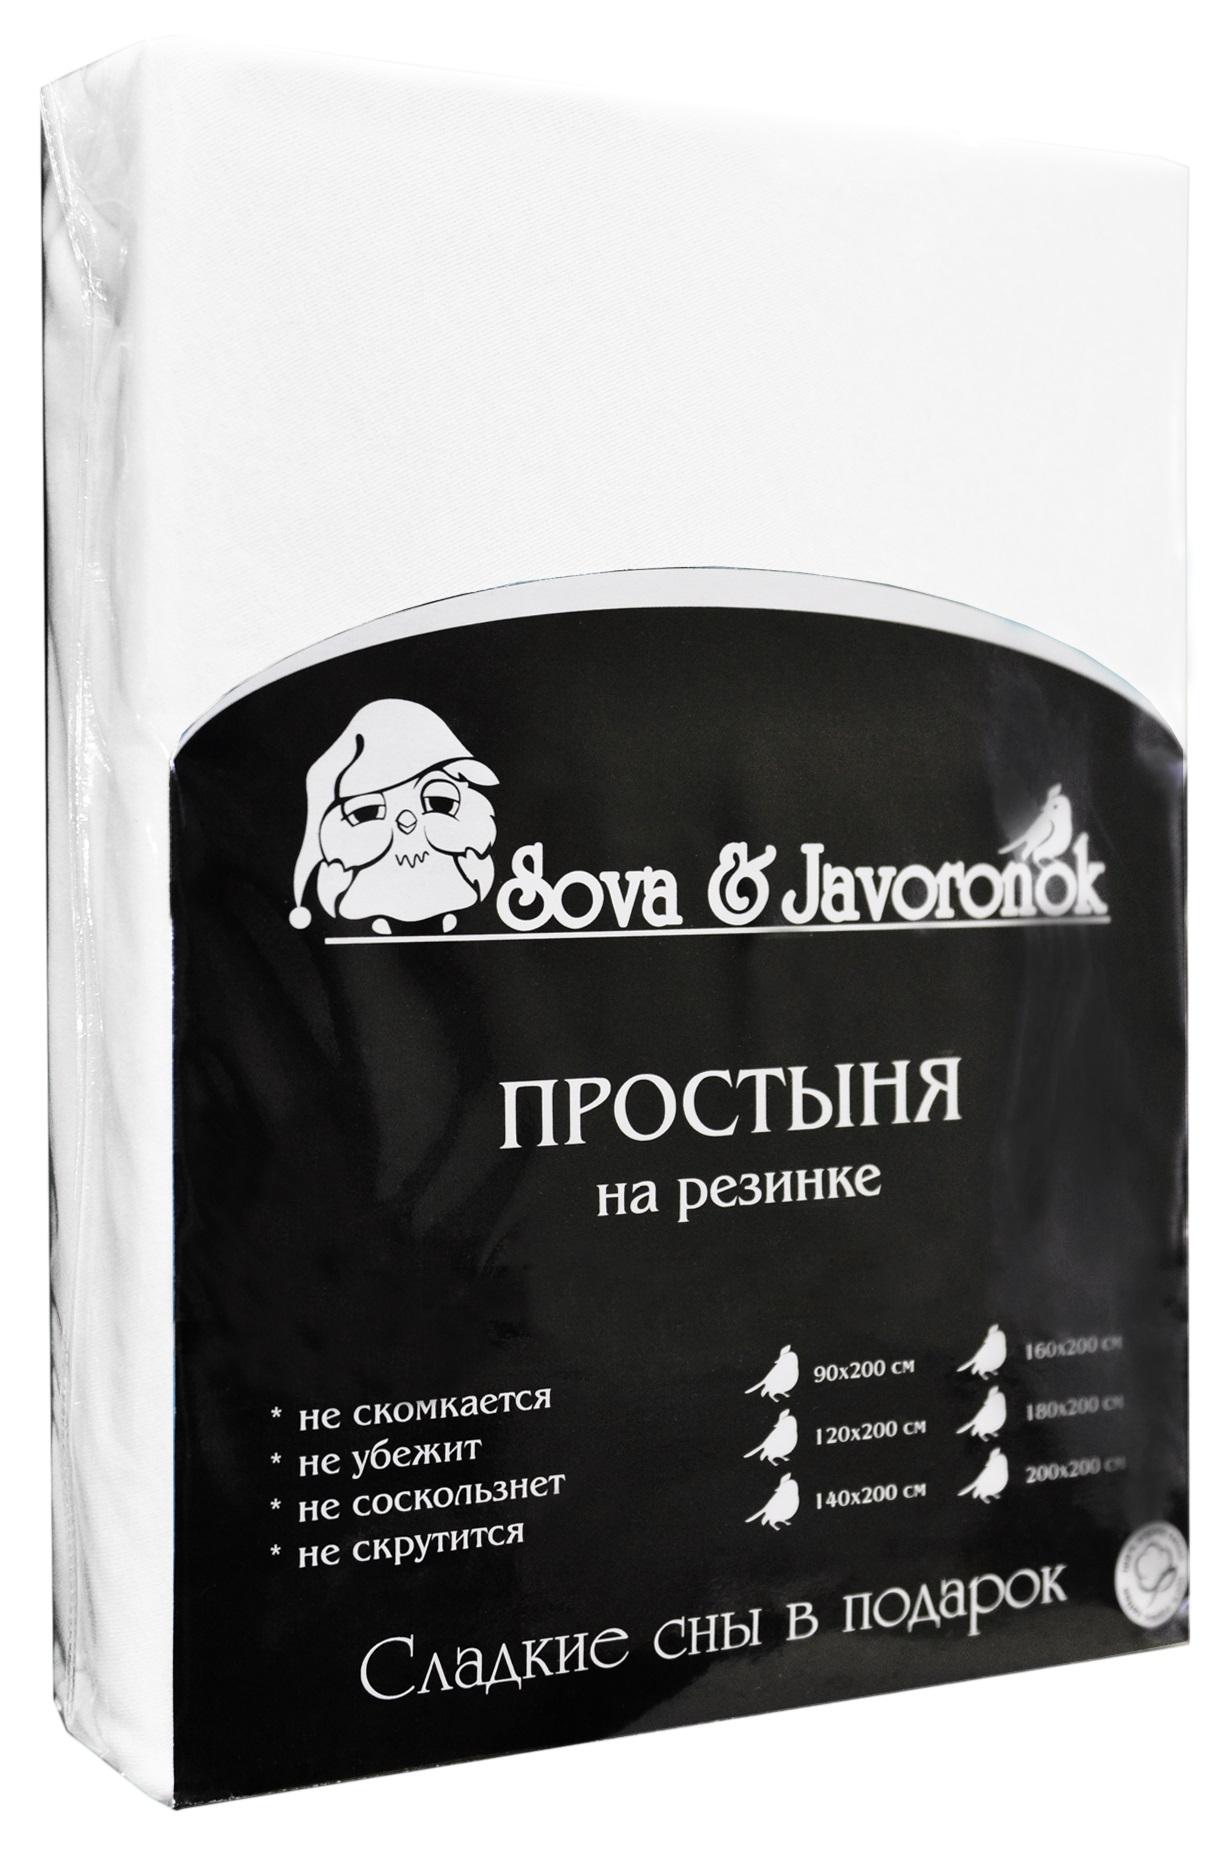 Простыня на резинке Sova & Javoronok, цвет: белый, 90 х 200 см3036Простыня на резинке Sova & Javoronok, изготовленная из трикотажной ткани (100% хлопок), будет превосходно смотреться с любыми комплектами белья. Хлопчатобумажный трикотаж по праву считается одним из самых качественных, прочных и при этом приятных на ощупь. Его гигиеничность позволяет использовать простыню и в детских комнатах, к тому же 100%-ый хлопок в составе ткани не вызовет аллергии. У трикотажного полотна очень интересная структура, немного рыхлая за счет отсутствия плотного переплетения нитей и наличия особых петель, благодаря этому простыня Сова и Жаворонок отлично пропускает воздух и способствует его постоянной циркуляции. Поэтому ваша постель будет всегда оставаться свежей. Но главное и, пожалуй, самое известное свойство трикотажа - это его великолепная растяжимость, поэтому эта ткань и была выбрана для натяжной простыни на резинке.Простыня прошита резинкой по всему периметру, что обеспечивает более комфортный отдых, так как она прочно удерживается на матрасе и избавляет от необходимости часто поправлять простыню.